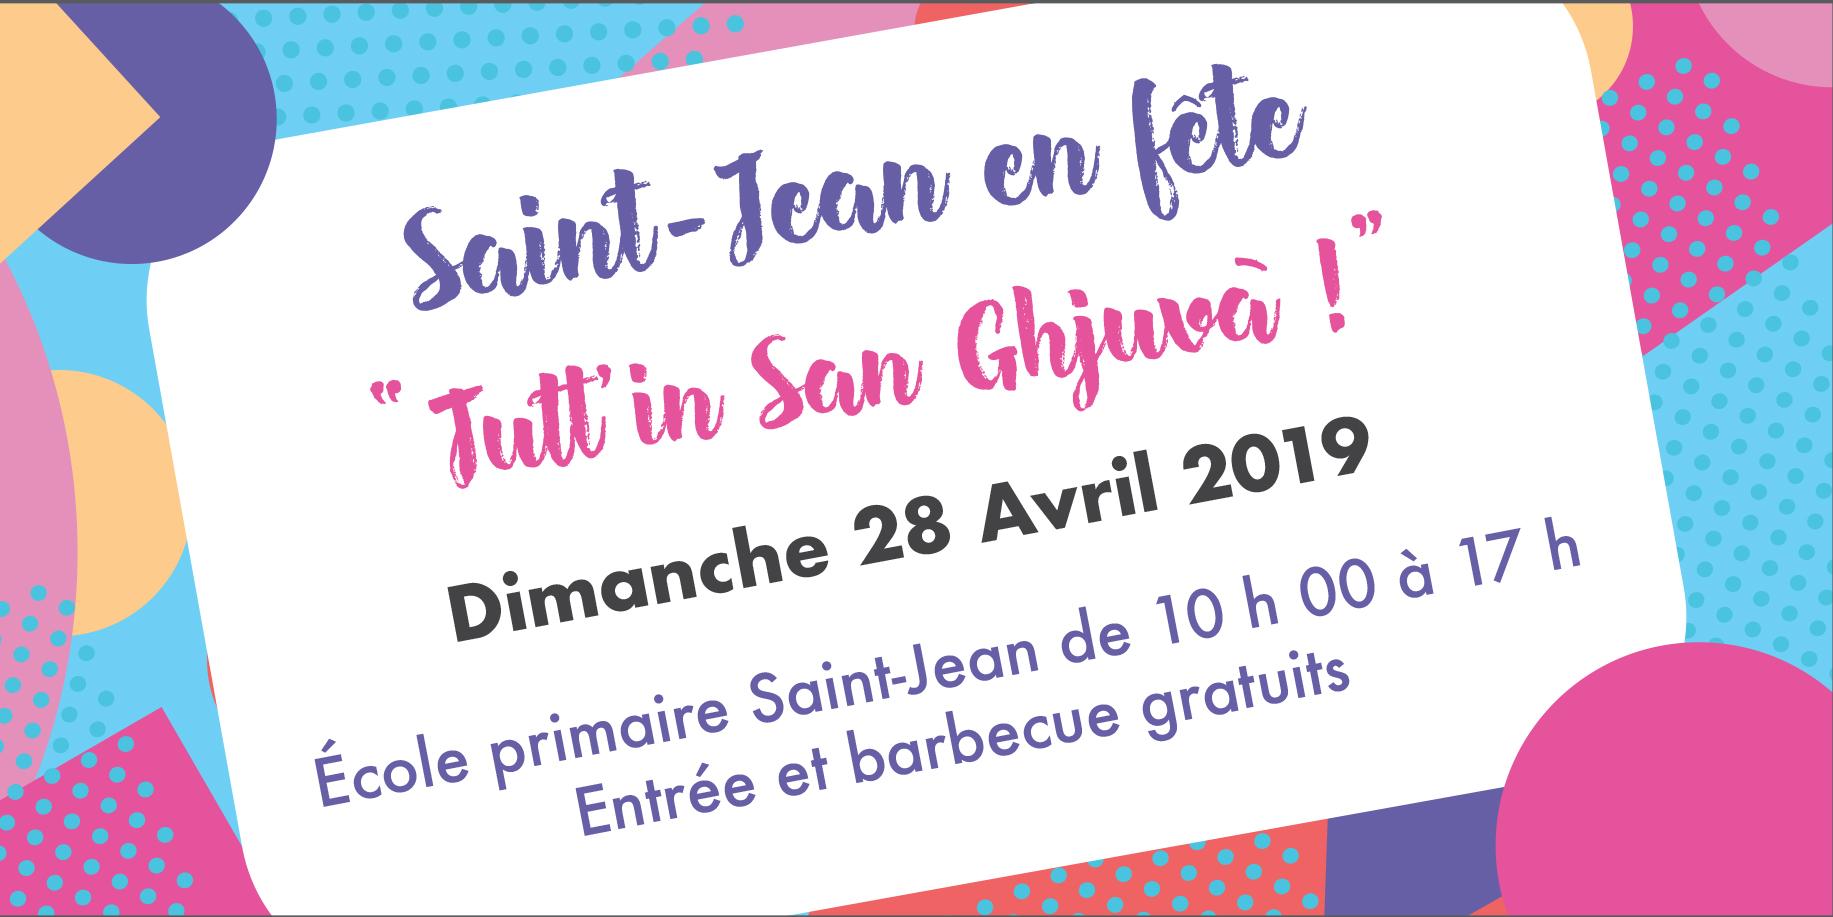 Le centre social de Saint-Jean fait jouer le quartier